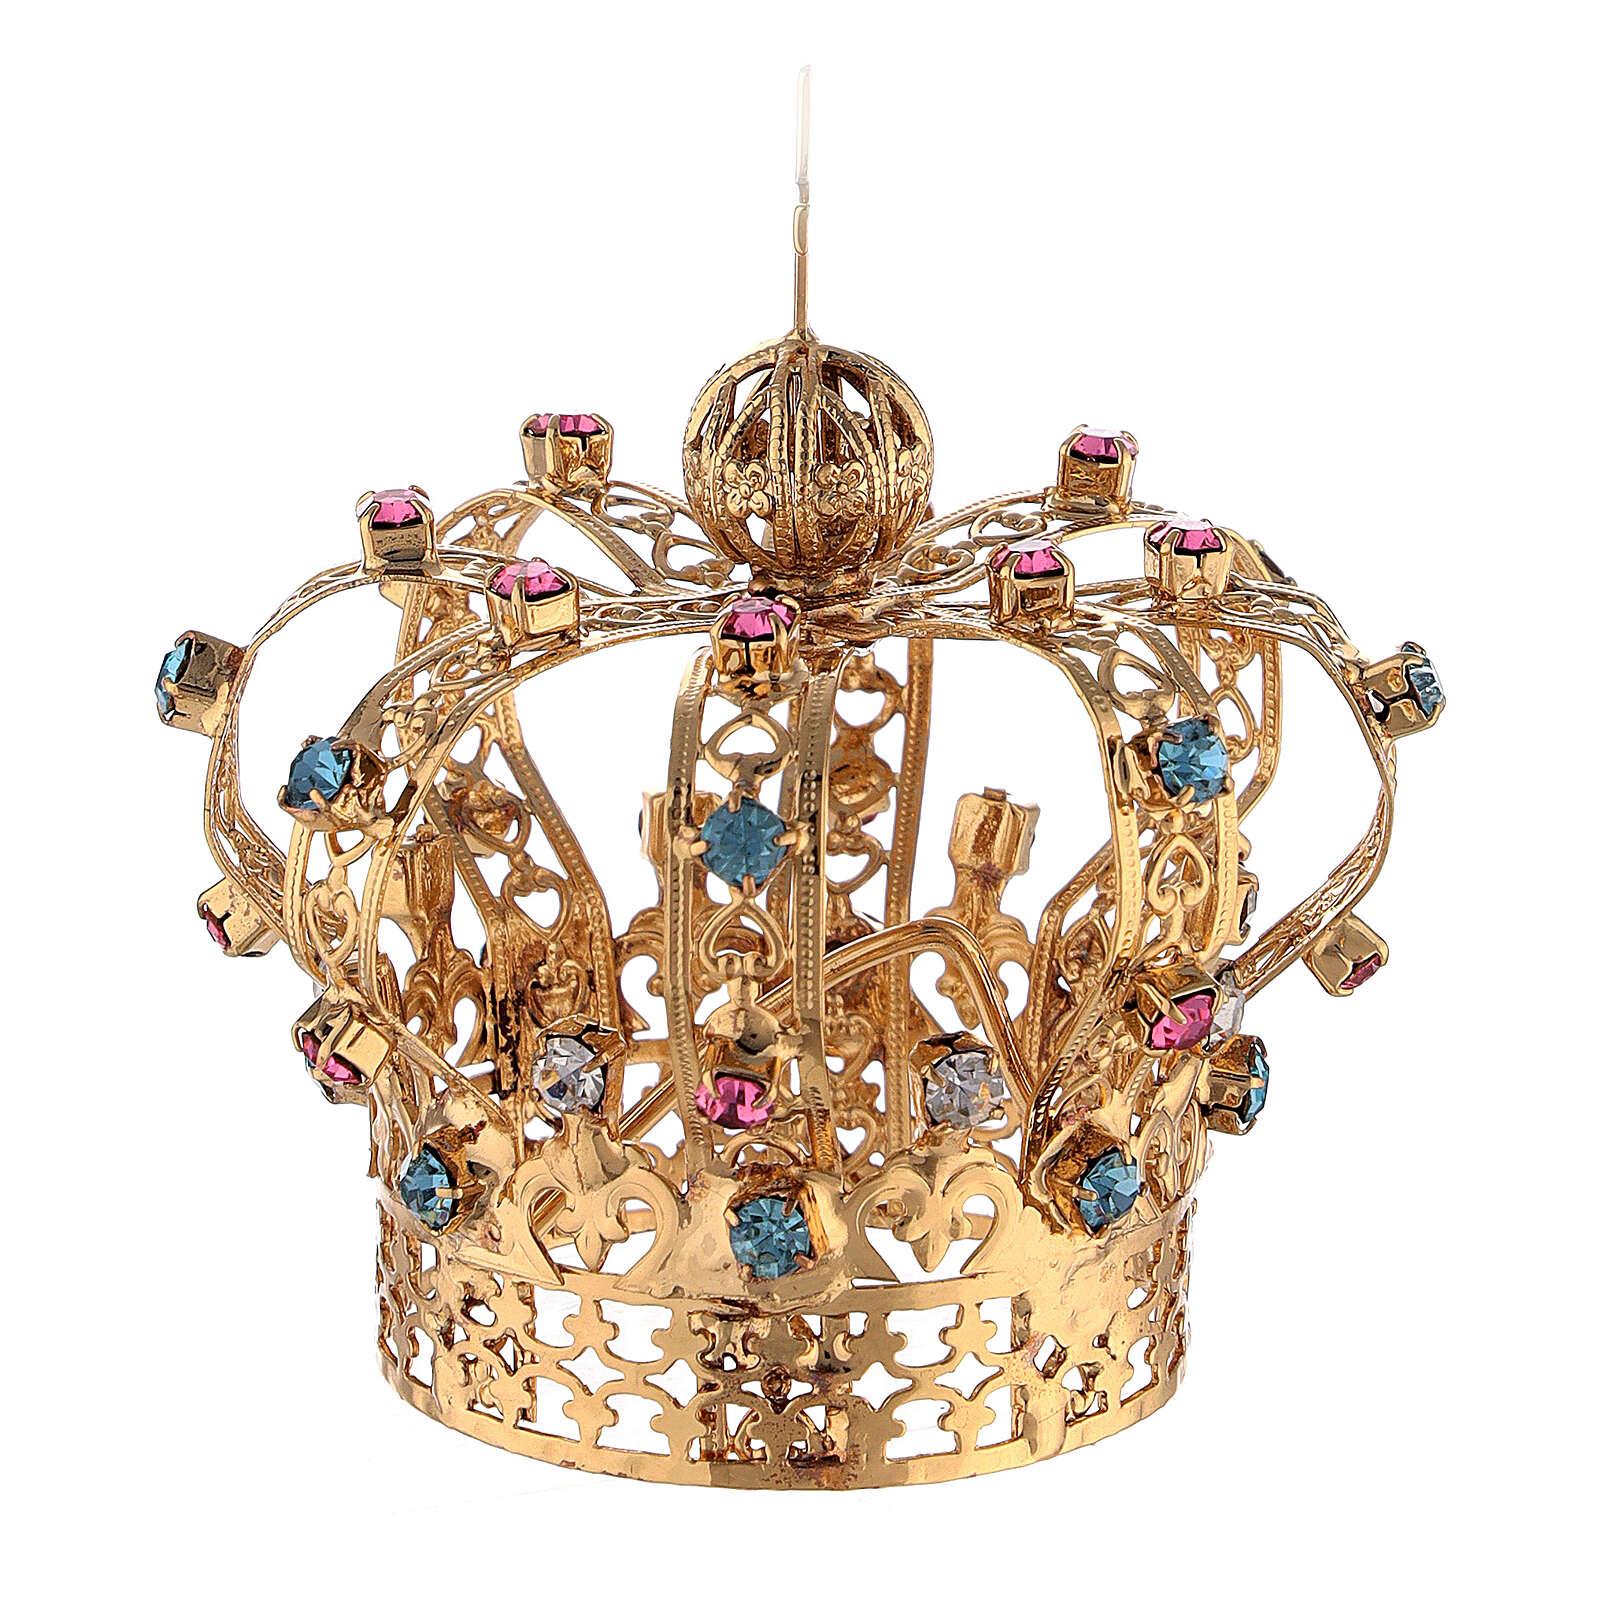 Corona Latón dorado para Santo con gemas coloreadas 4 cm 3